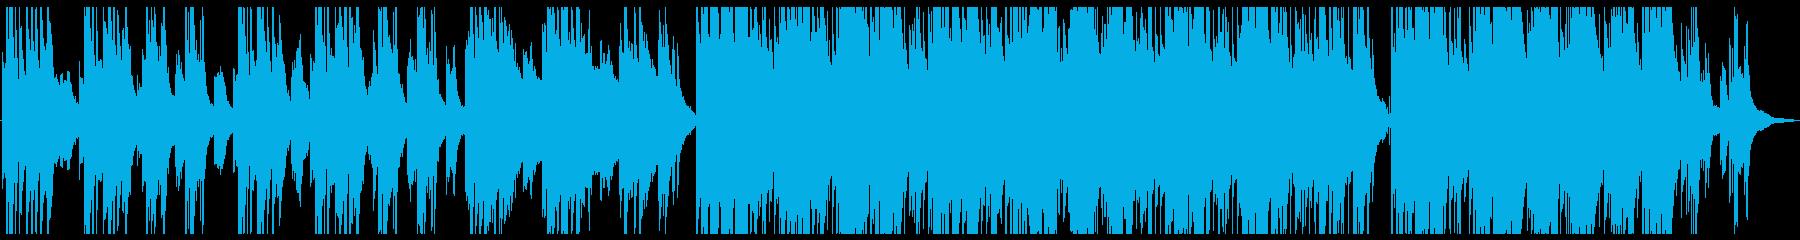 ピアノとアコギが印象的なしっとりBGMの再生済みの波形